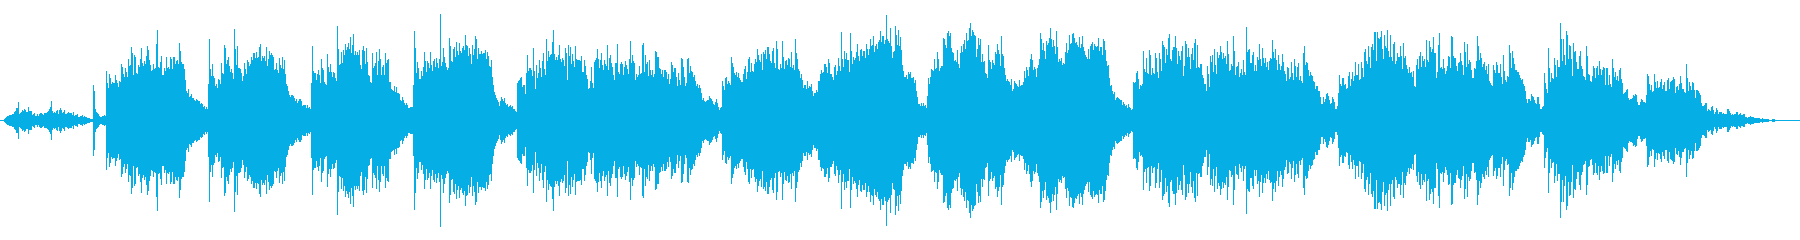 和風着物ウェディング系感動的アンビエントの再生済みの波形